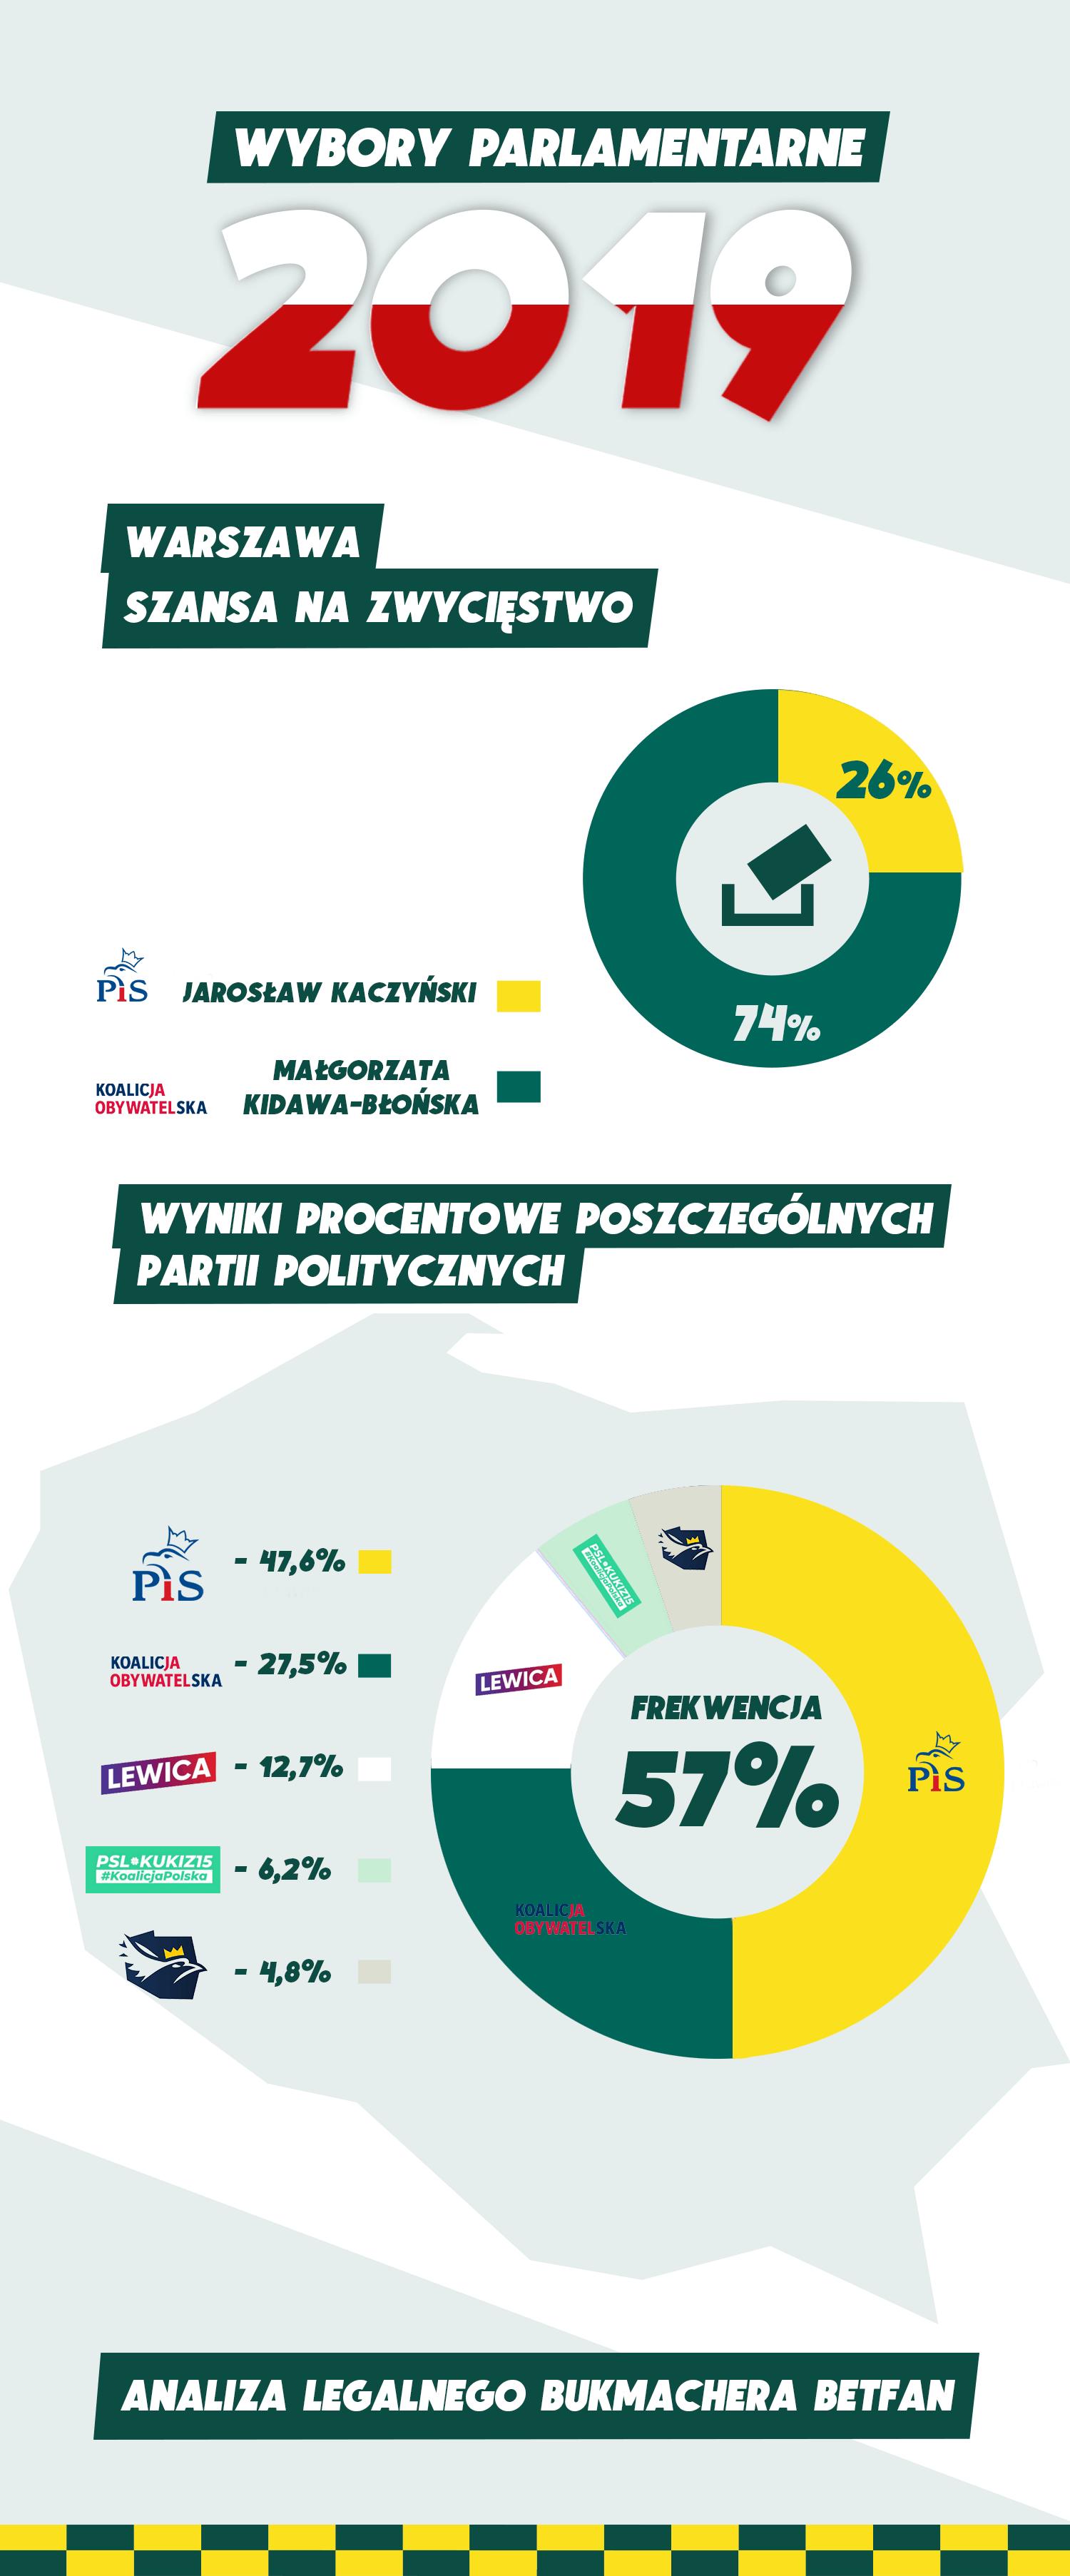 Zakłady bukmacherskie na Wybory 2019 (Betfan)